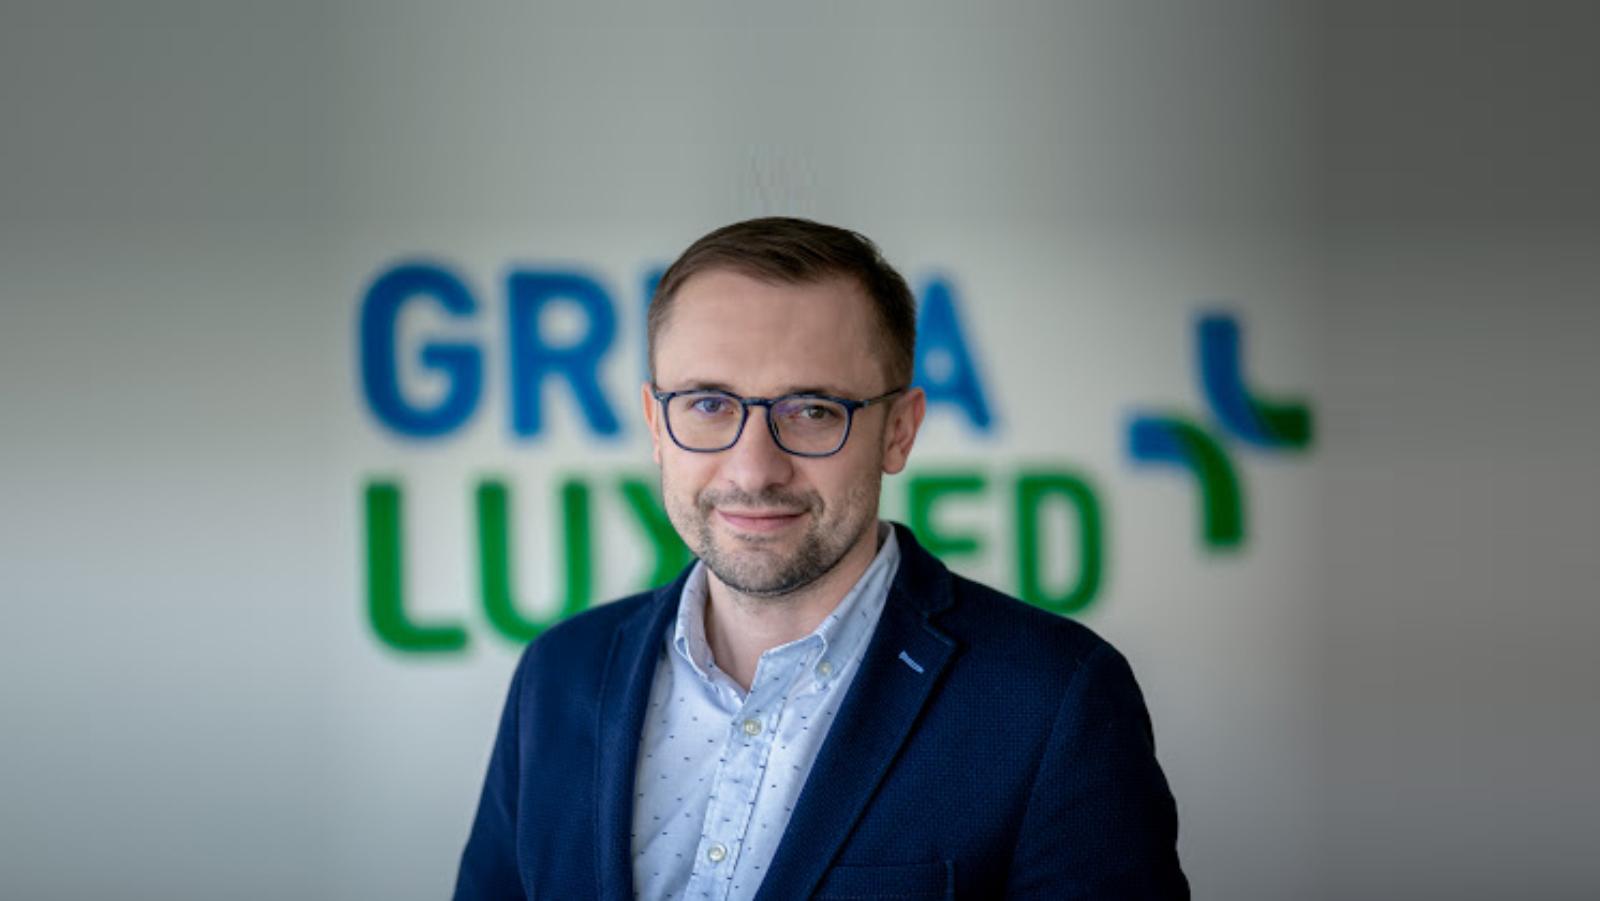 Grupa LUX MED z nowym Dyrektorem komunikacji korporacyjnej i PR Lux Med